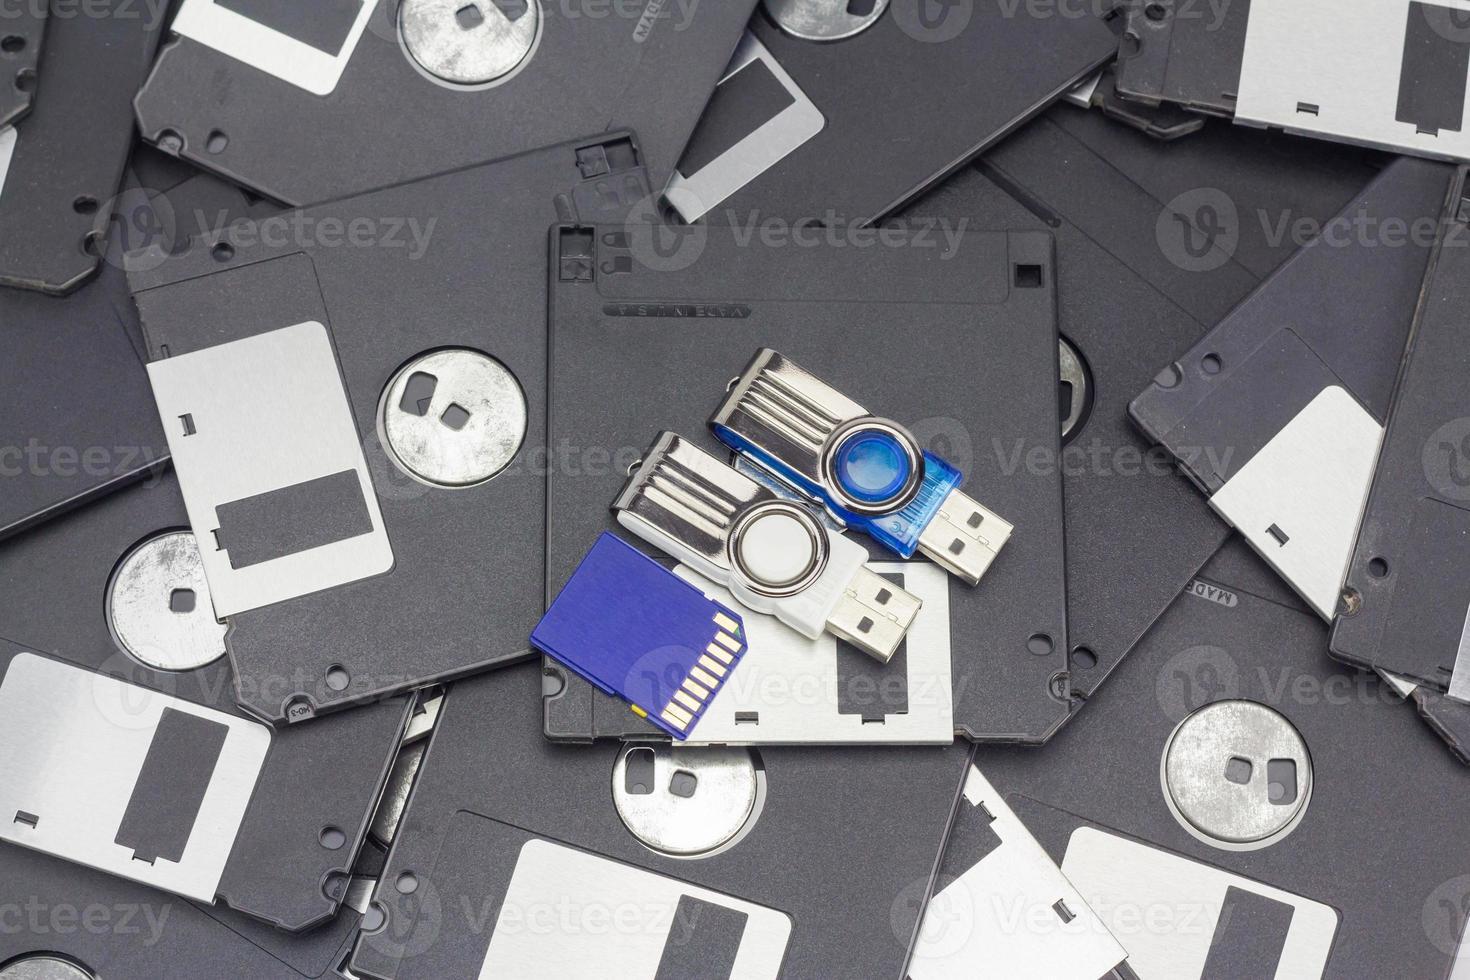 usb-flashgeheugen, sd-kaart en diskette foto